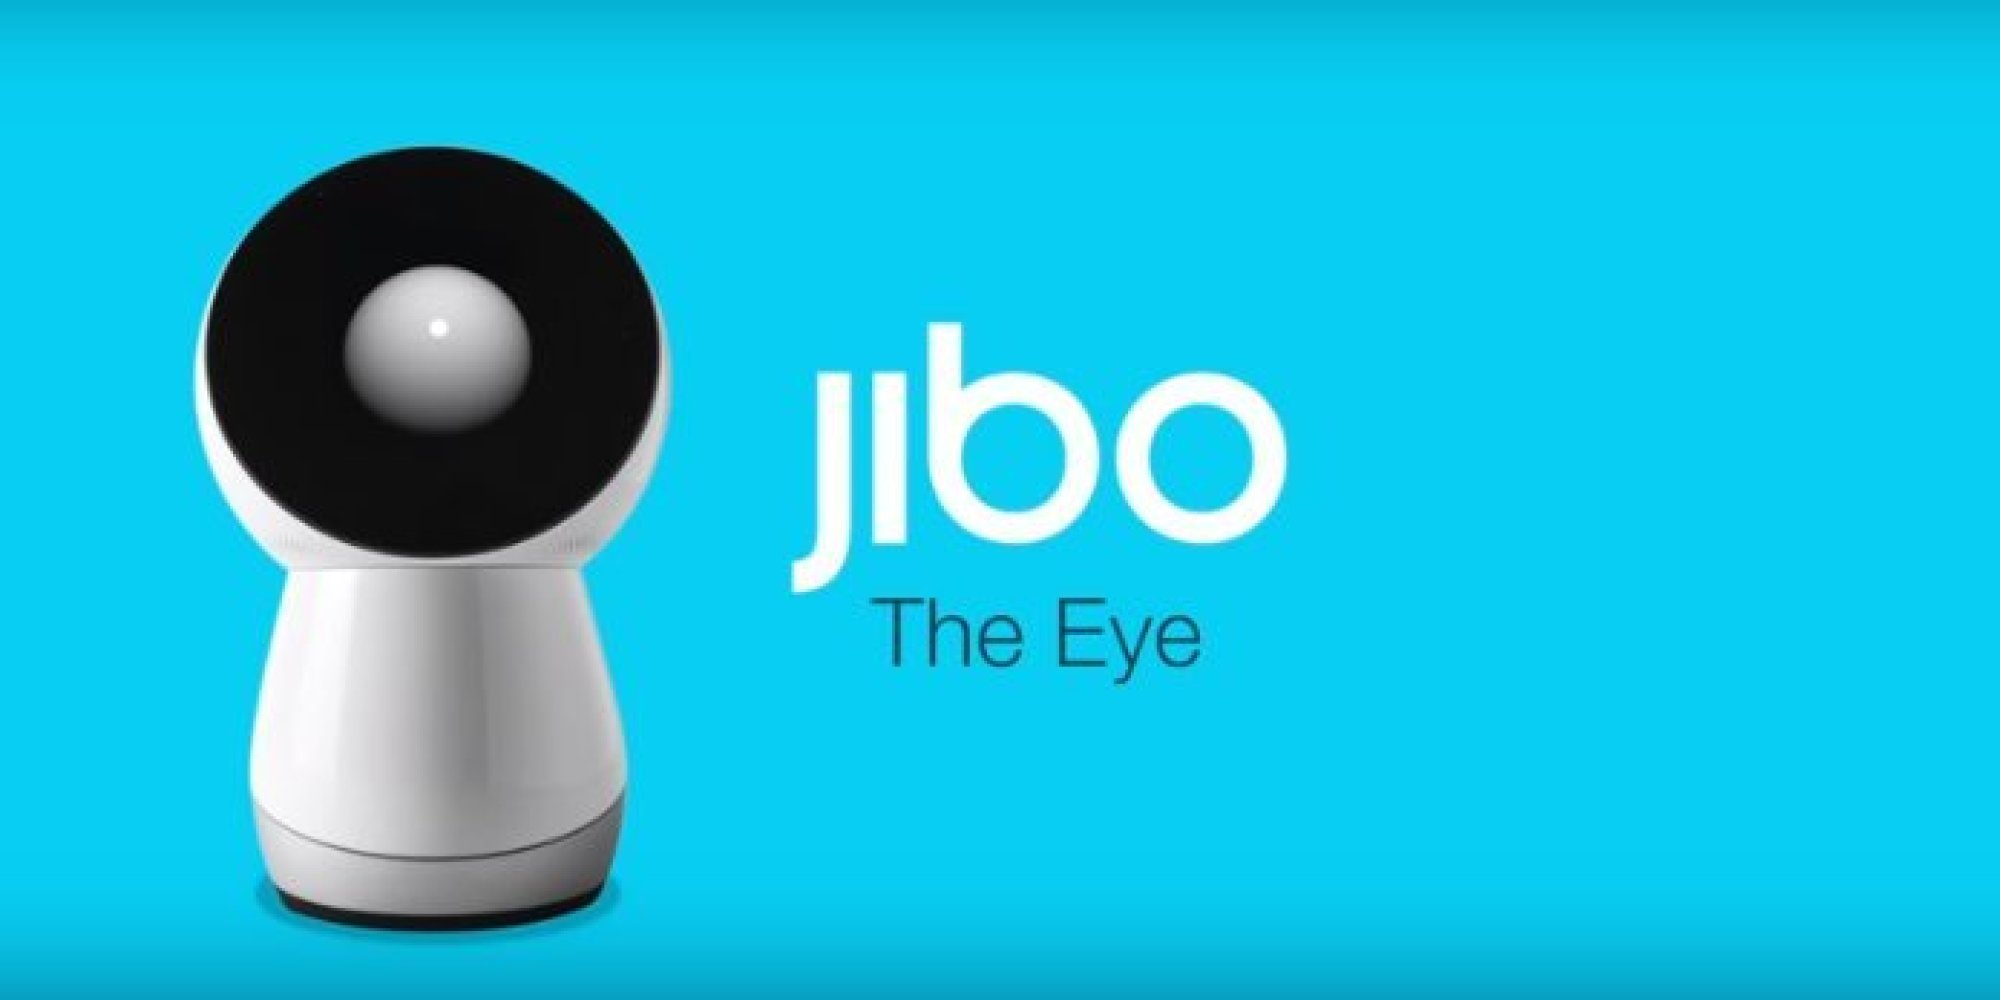 家庭向けロボ「JIBO」と従来のロボットの違い   TechCrunch Japan